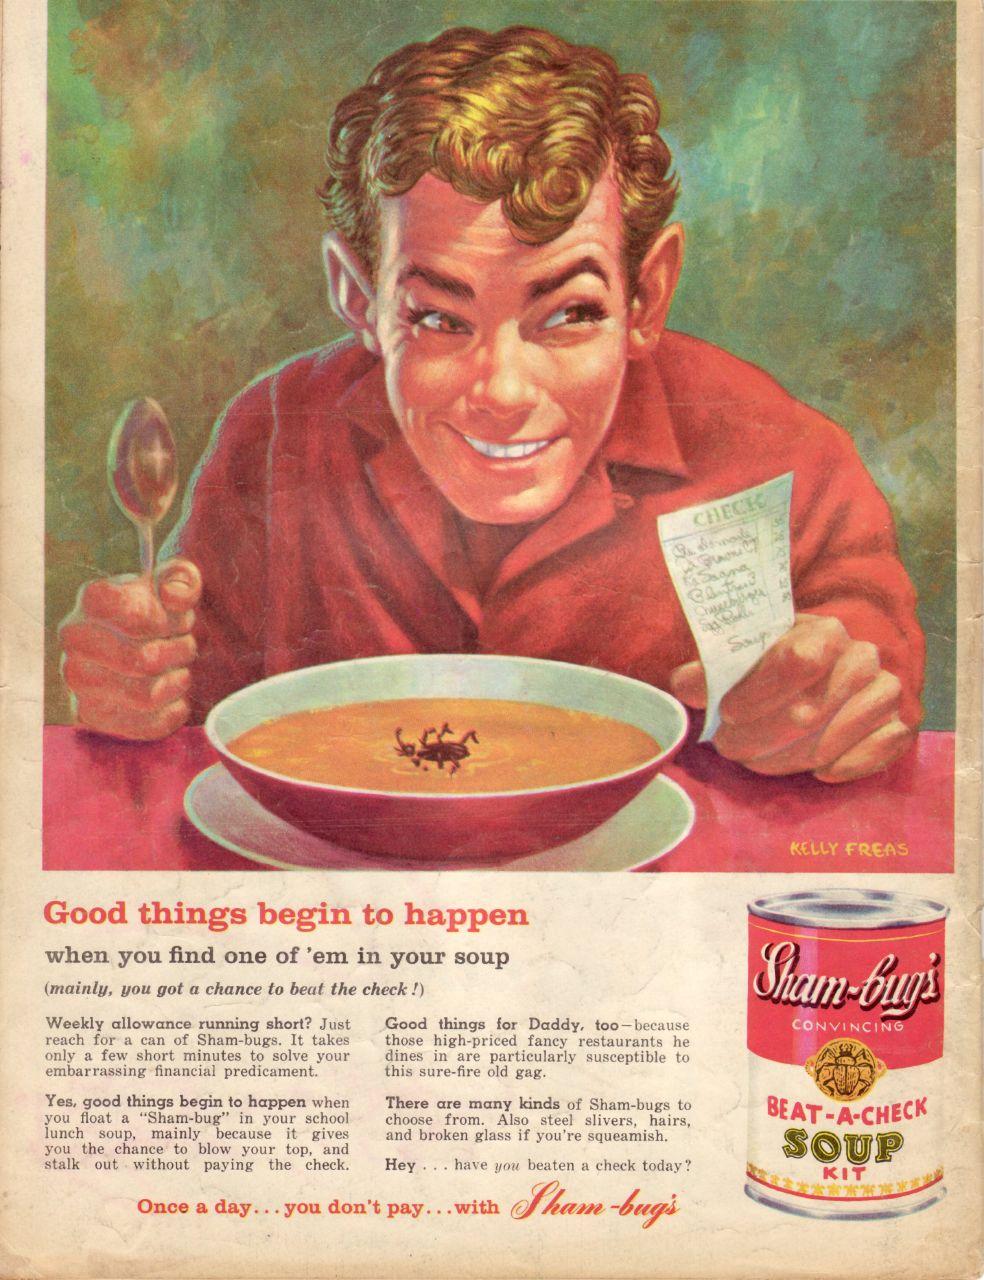 MAD Magazine September 1960